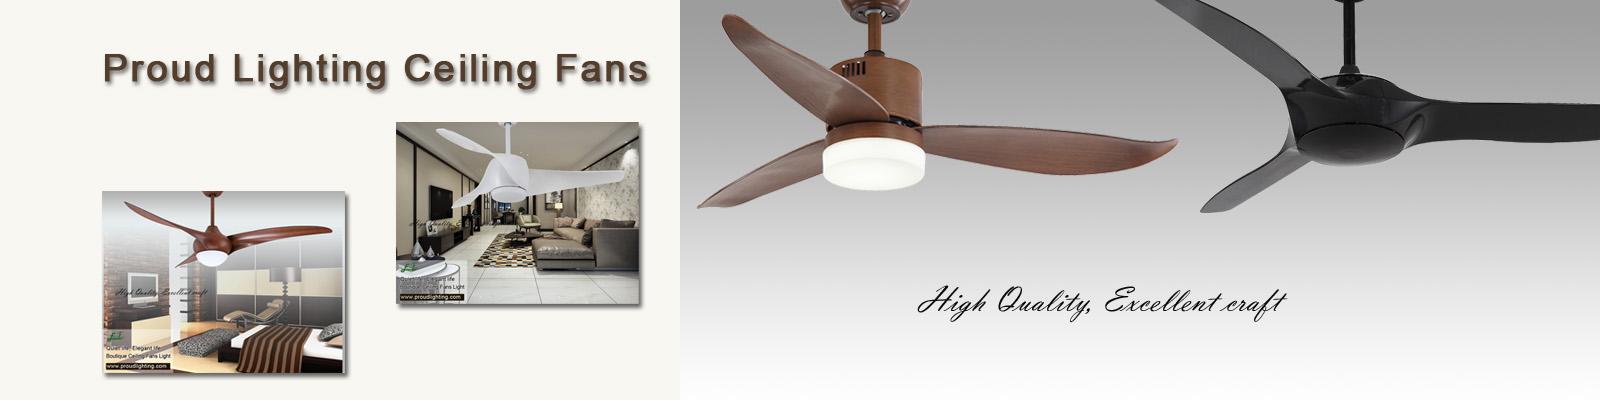 ventilateurs de plafond lumière